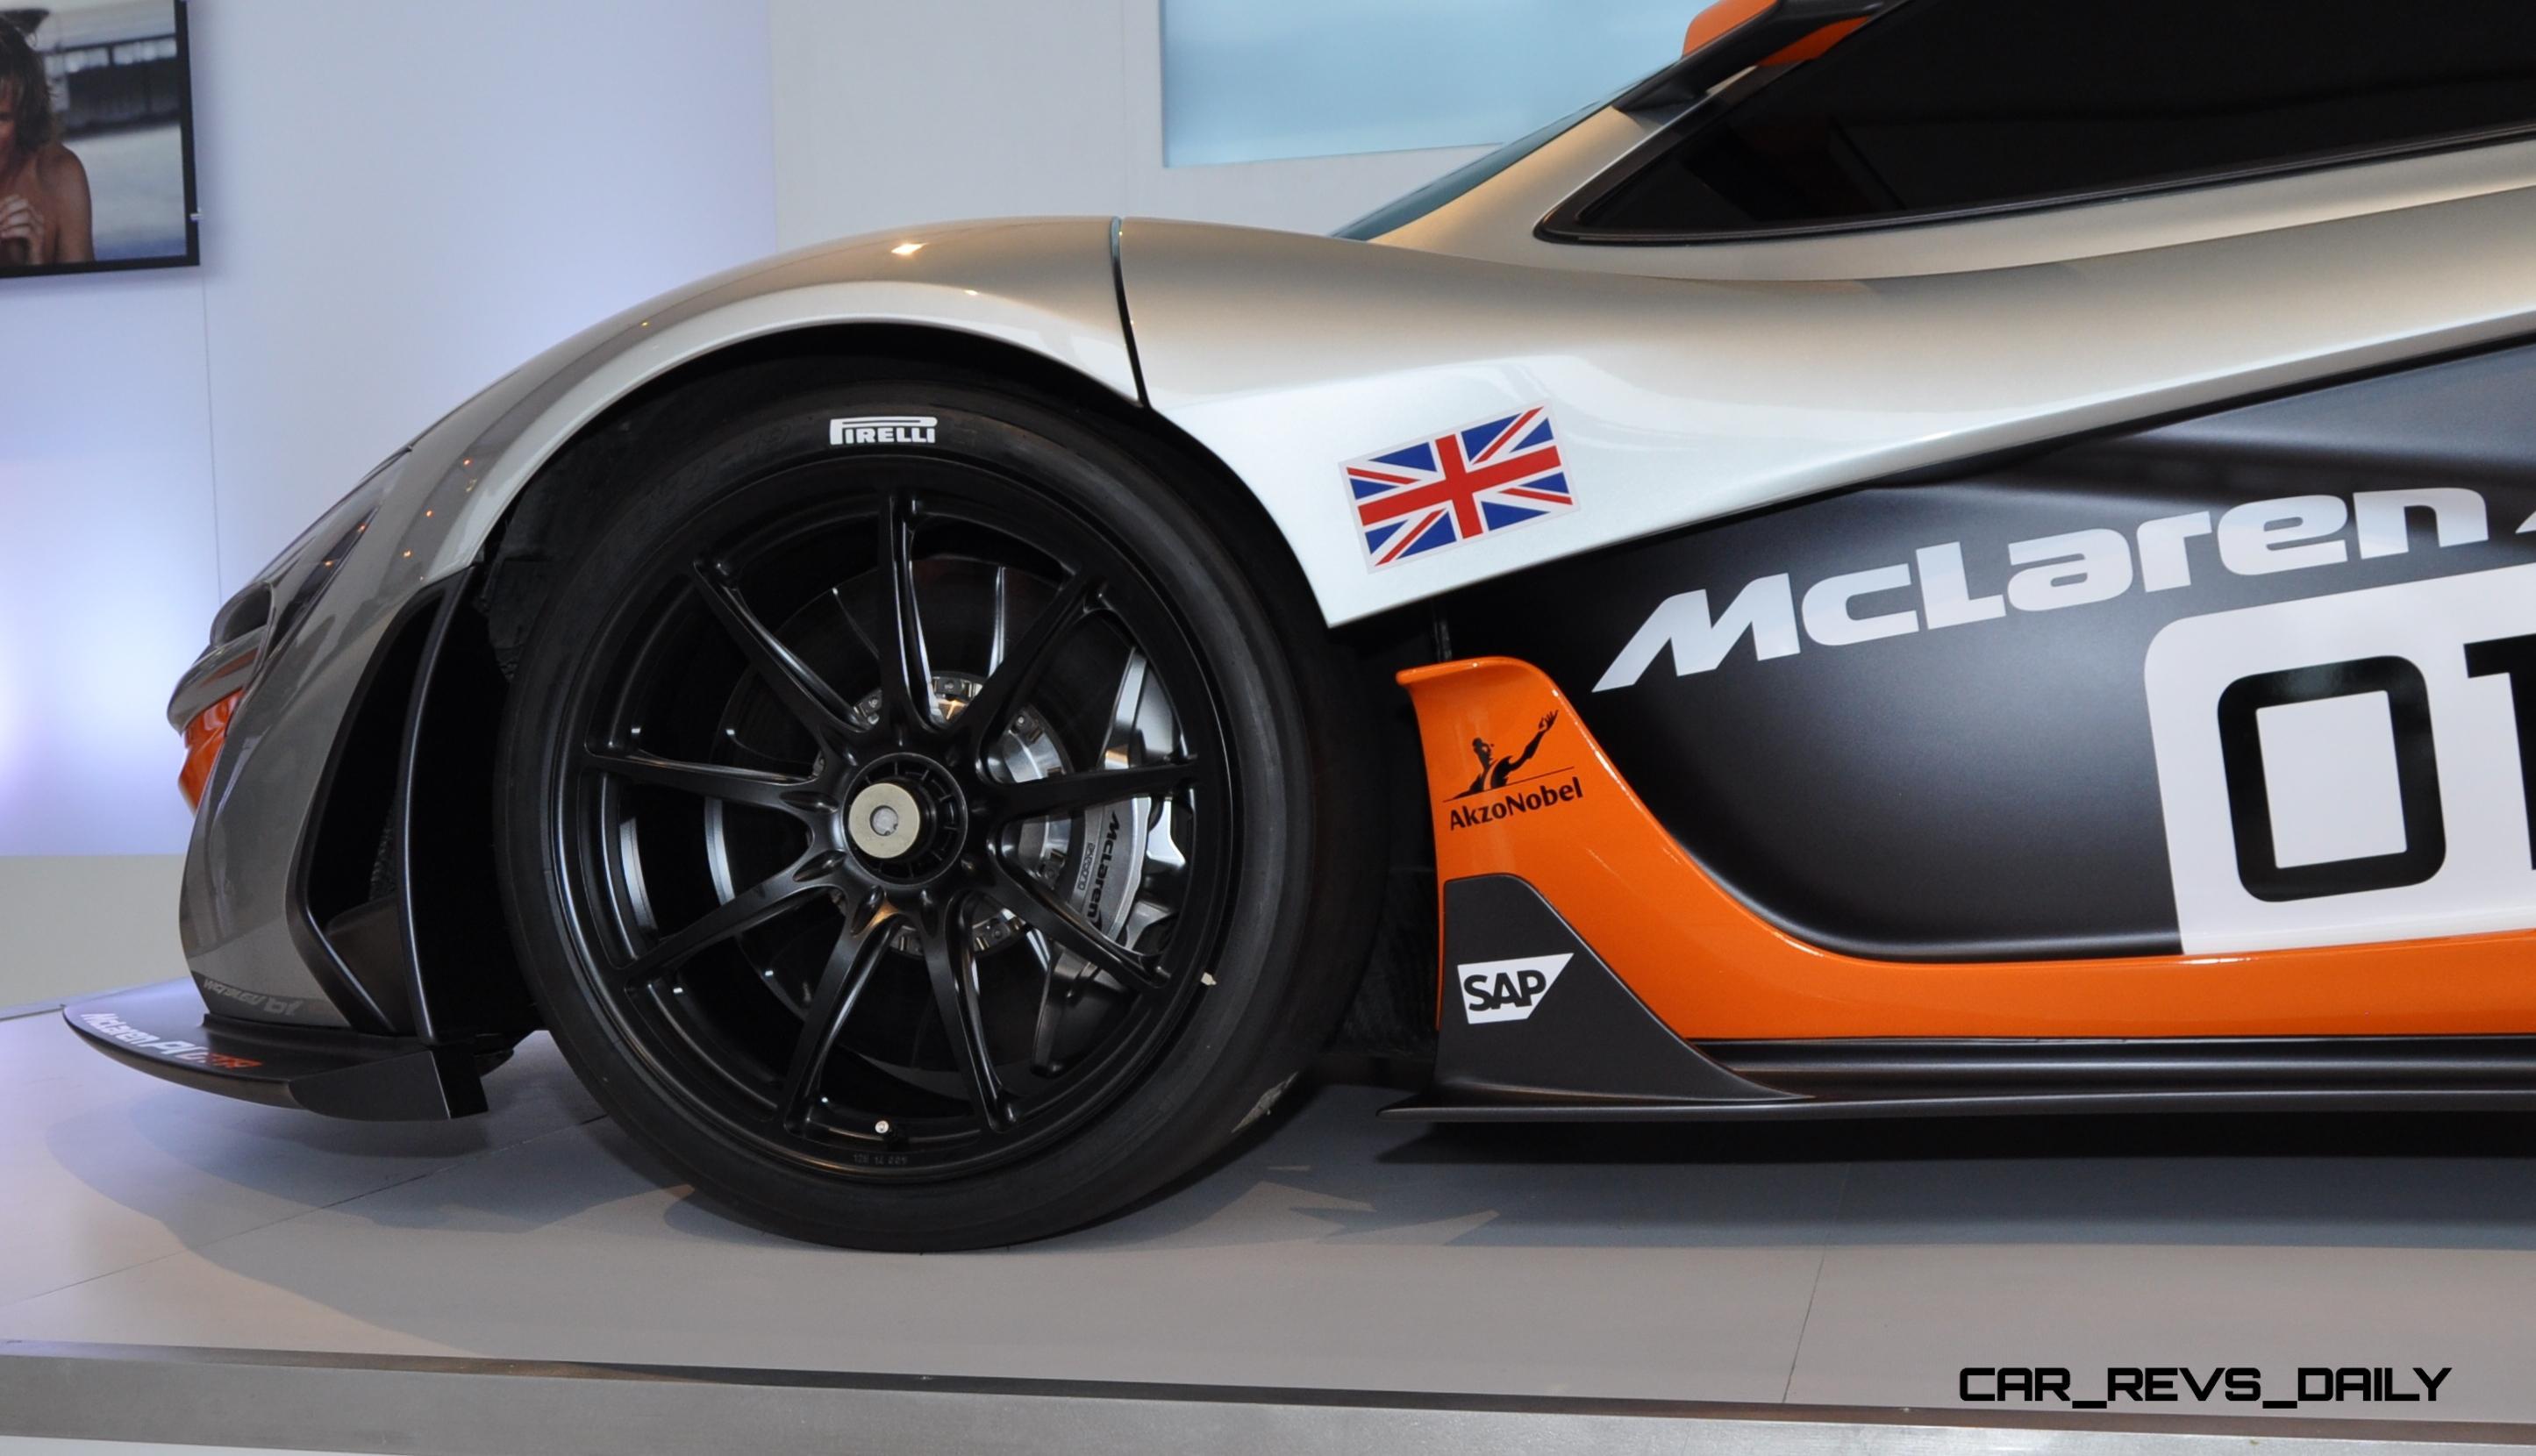 2015 McLaren P1 GTR - Pebble Beach World Debut in 55 High-Res Photos 33